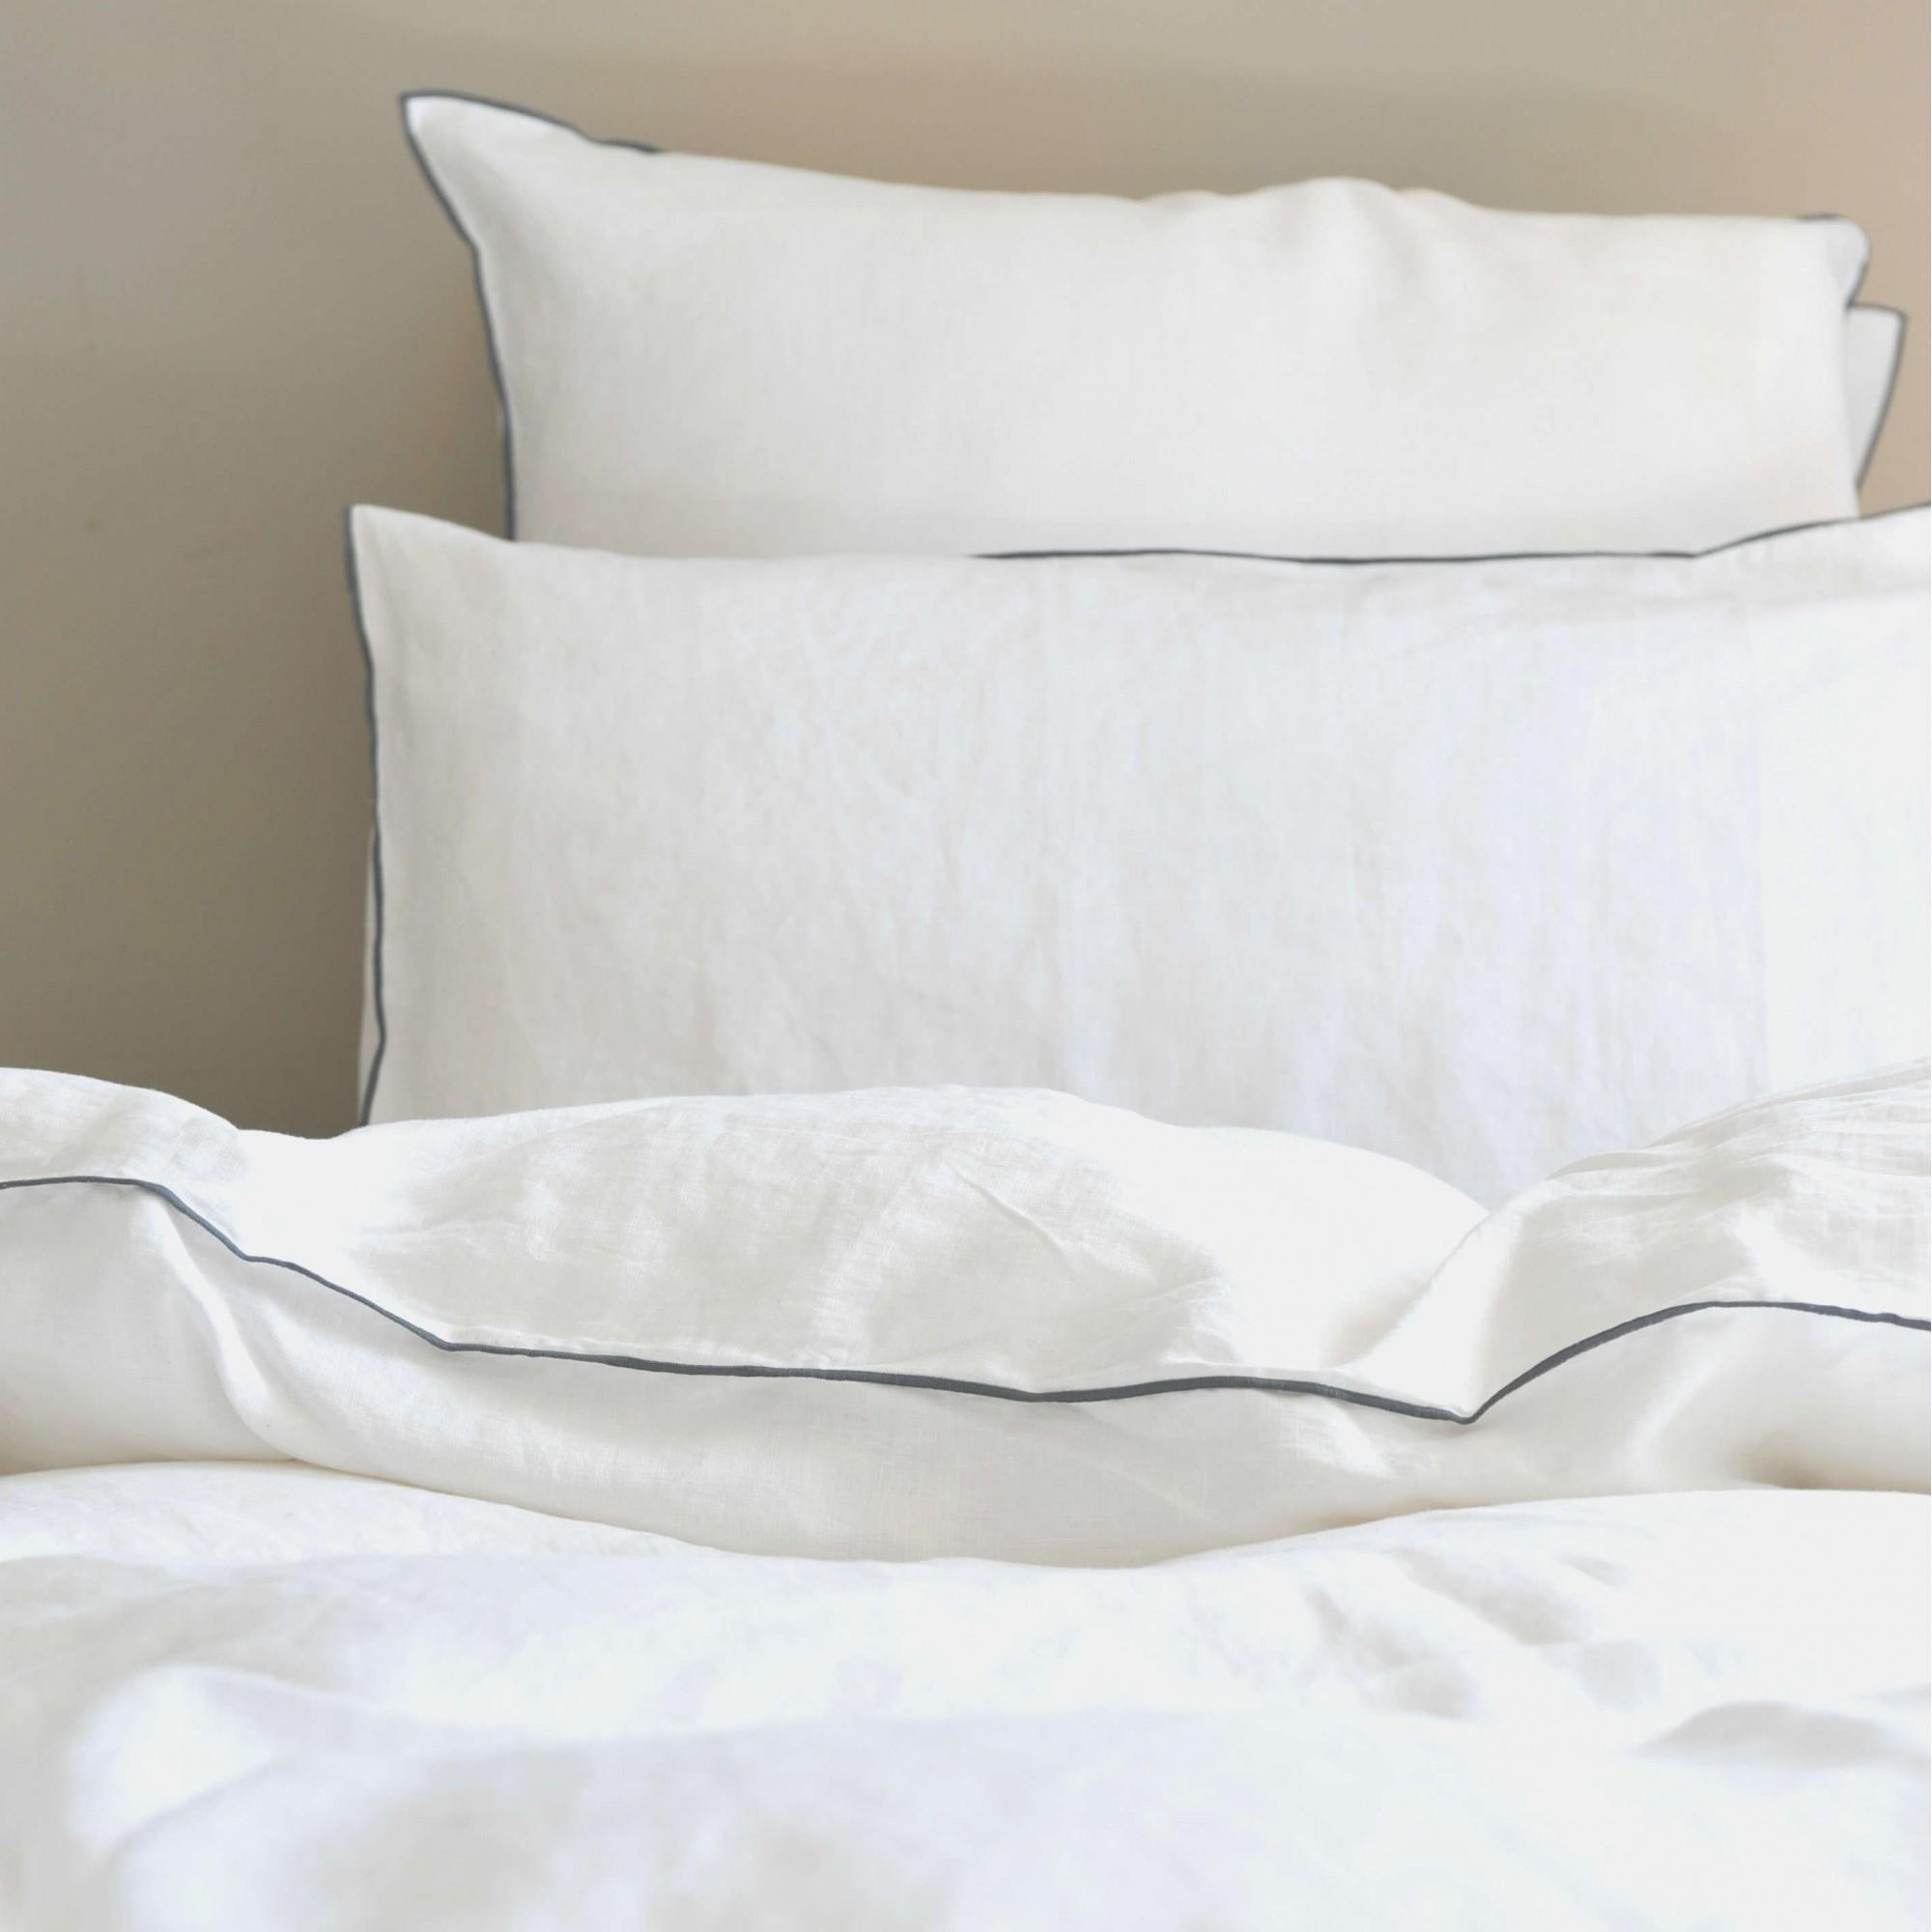 Housse de couette lin lav blanc bourdon gris maison d 39 t - Housse de couette lin blanc ...